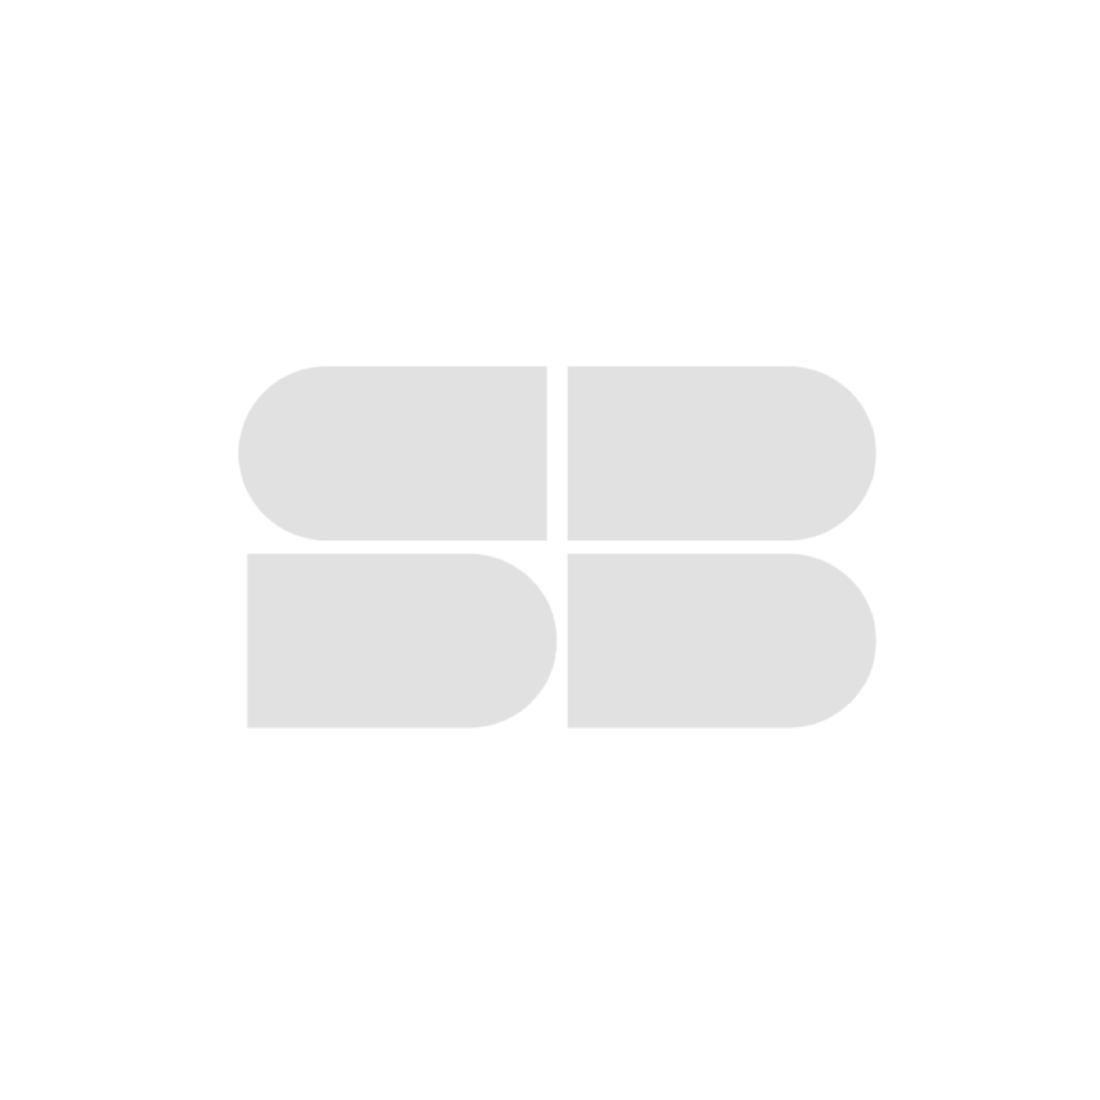 ที่นอน LADY AMERICANA รุ่น ELIZABETH ขนาด 6 ฟุต แถมฟรี ชุดเครื่องนอนและผลิตภัณฑ์บรรจุใย 11 ชิ้น